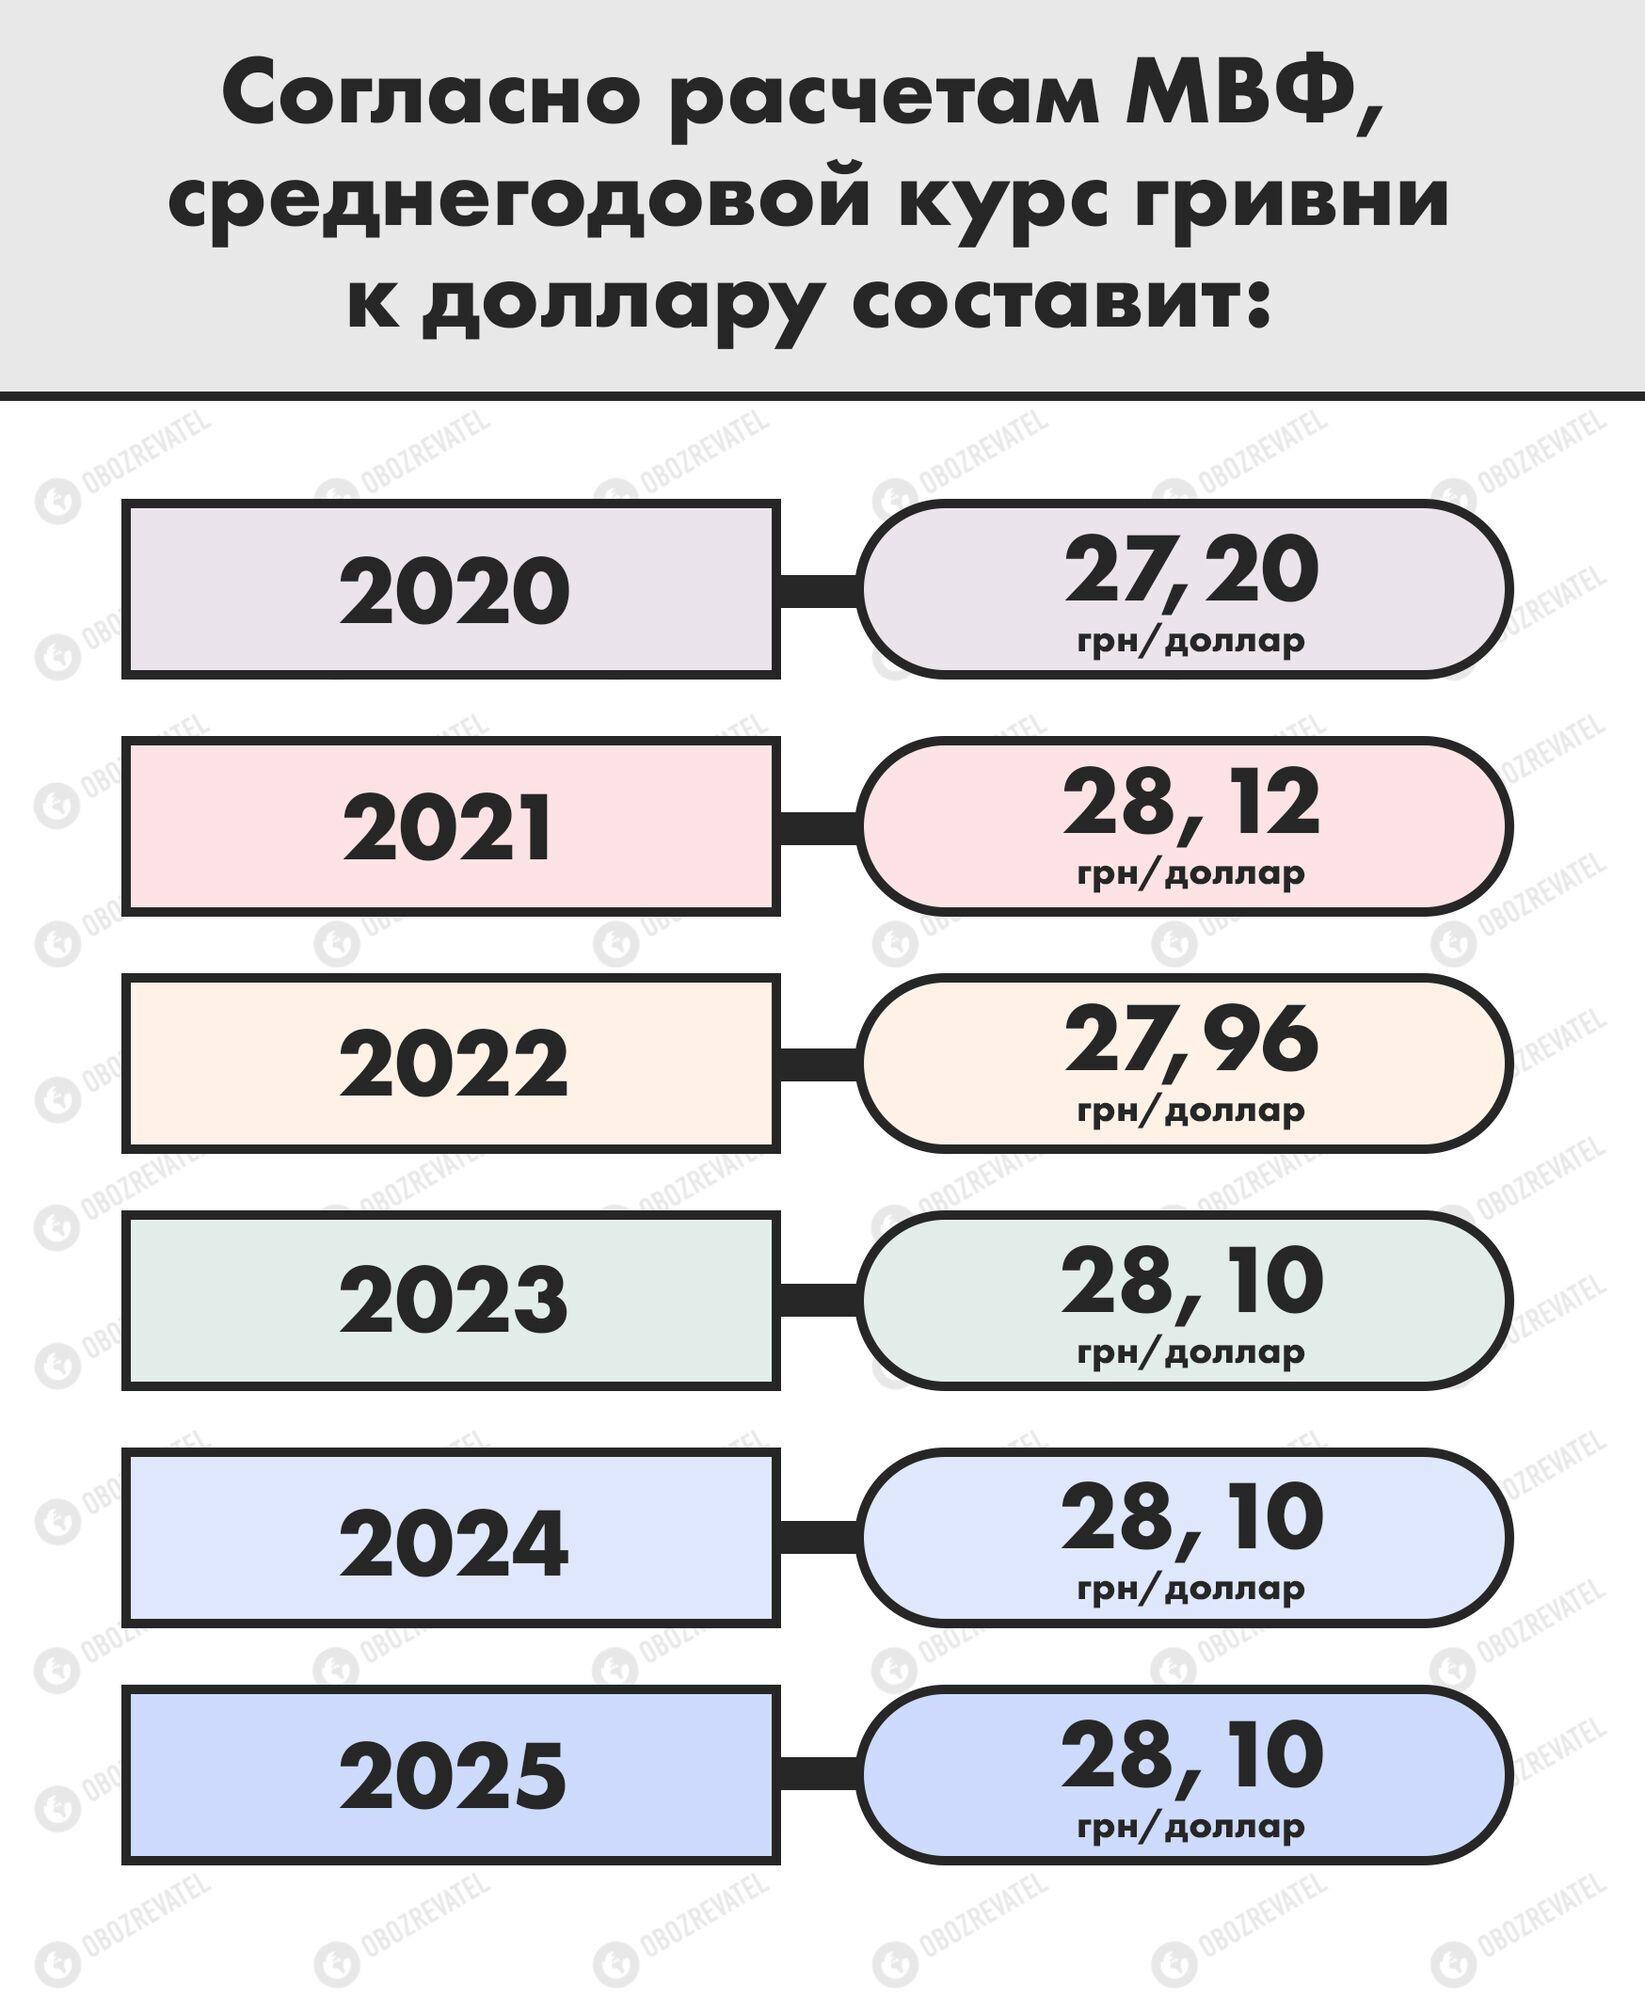 Прогноз за курсом МВФ